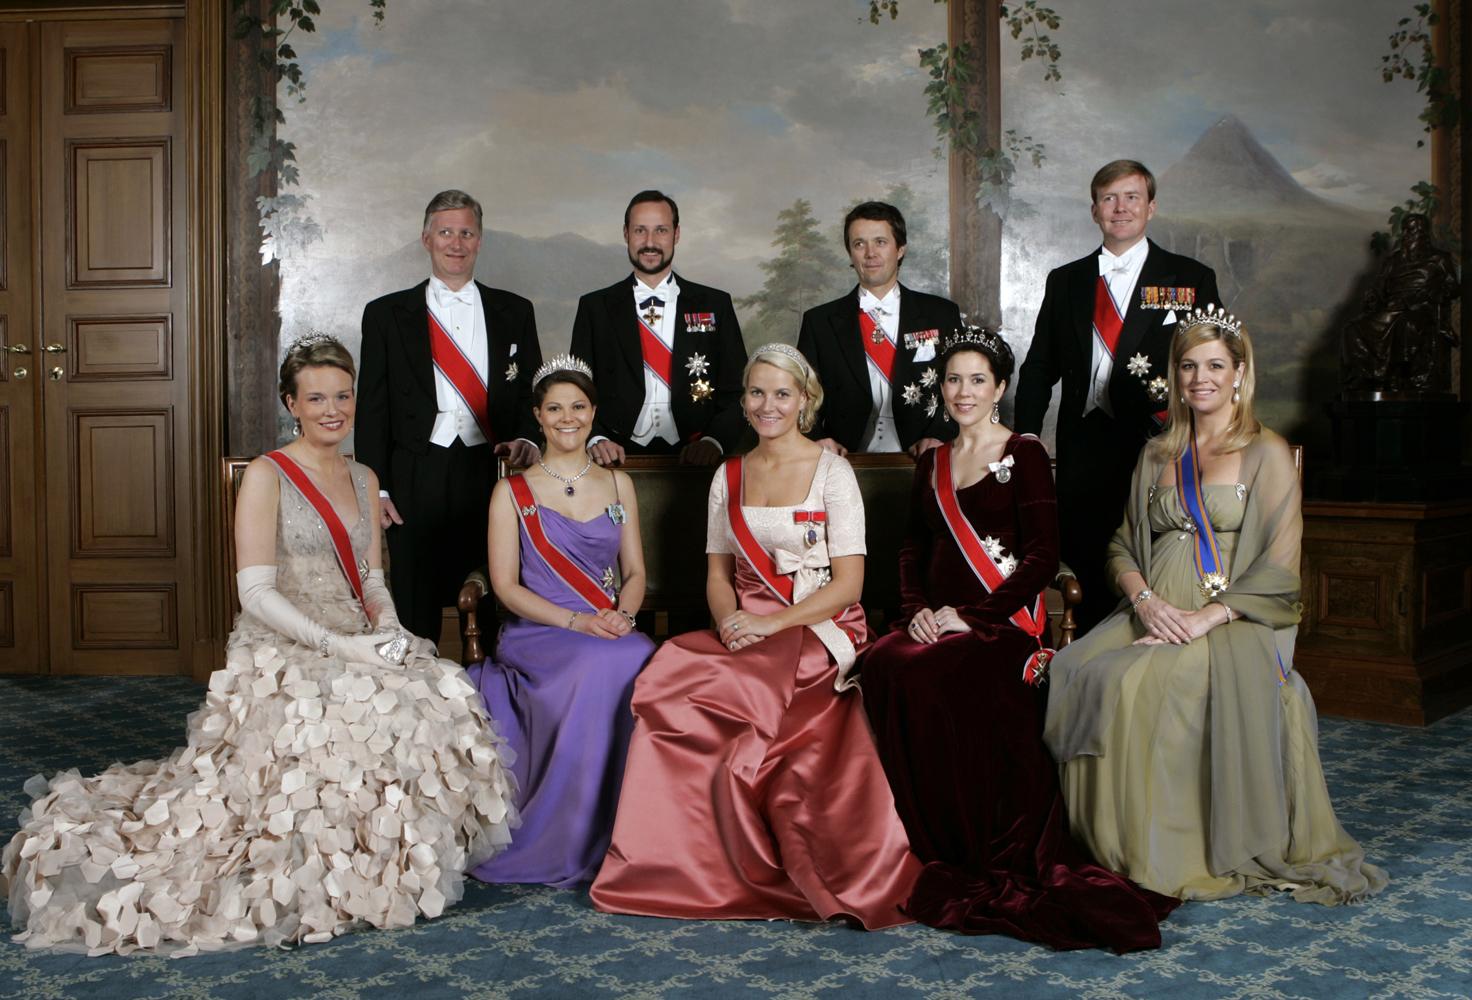 OSLO 20070224: Gruppebilde, liten gruppe, på Slottet lørdag 24.2.2007 i anledning kong Haralds 70 års-dag. Første rad fra venstre: H.K.H. Prinsesse Mathilde, H.K.H. Kronprinsesse Victoria, H.K.H. Kronprinsse Mette-Marit, H.K.H. Kronprinsesse Mary og H.K.H Prinsesse Maxima. Stående bak fra venstre H.K.H. Hertugen av Brabant, H.K.H. Kronprins Haakon, H.K.H. Kronprins Frederik og H.K.H. Prinsen av Oranje. Foto: Bjørn Sigurdsøn / SCANPIX / DET KONGELIGE HOFF